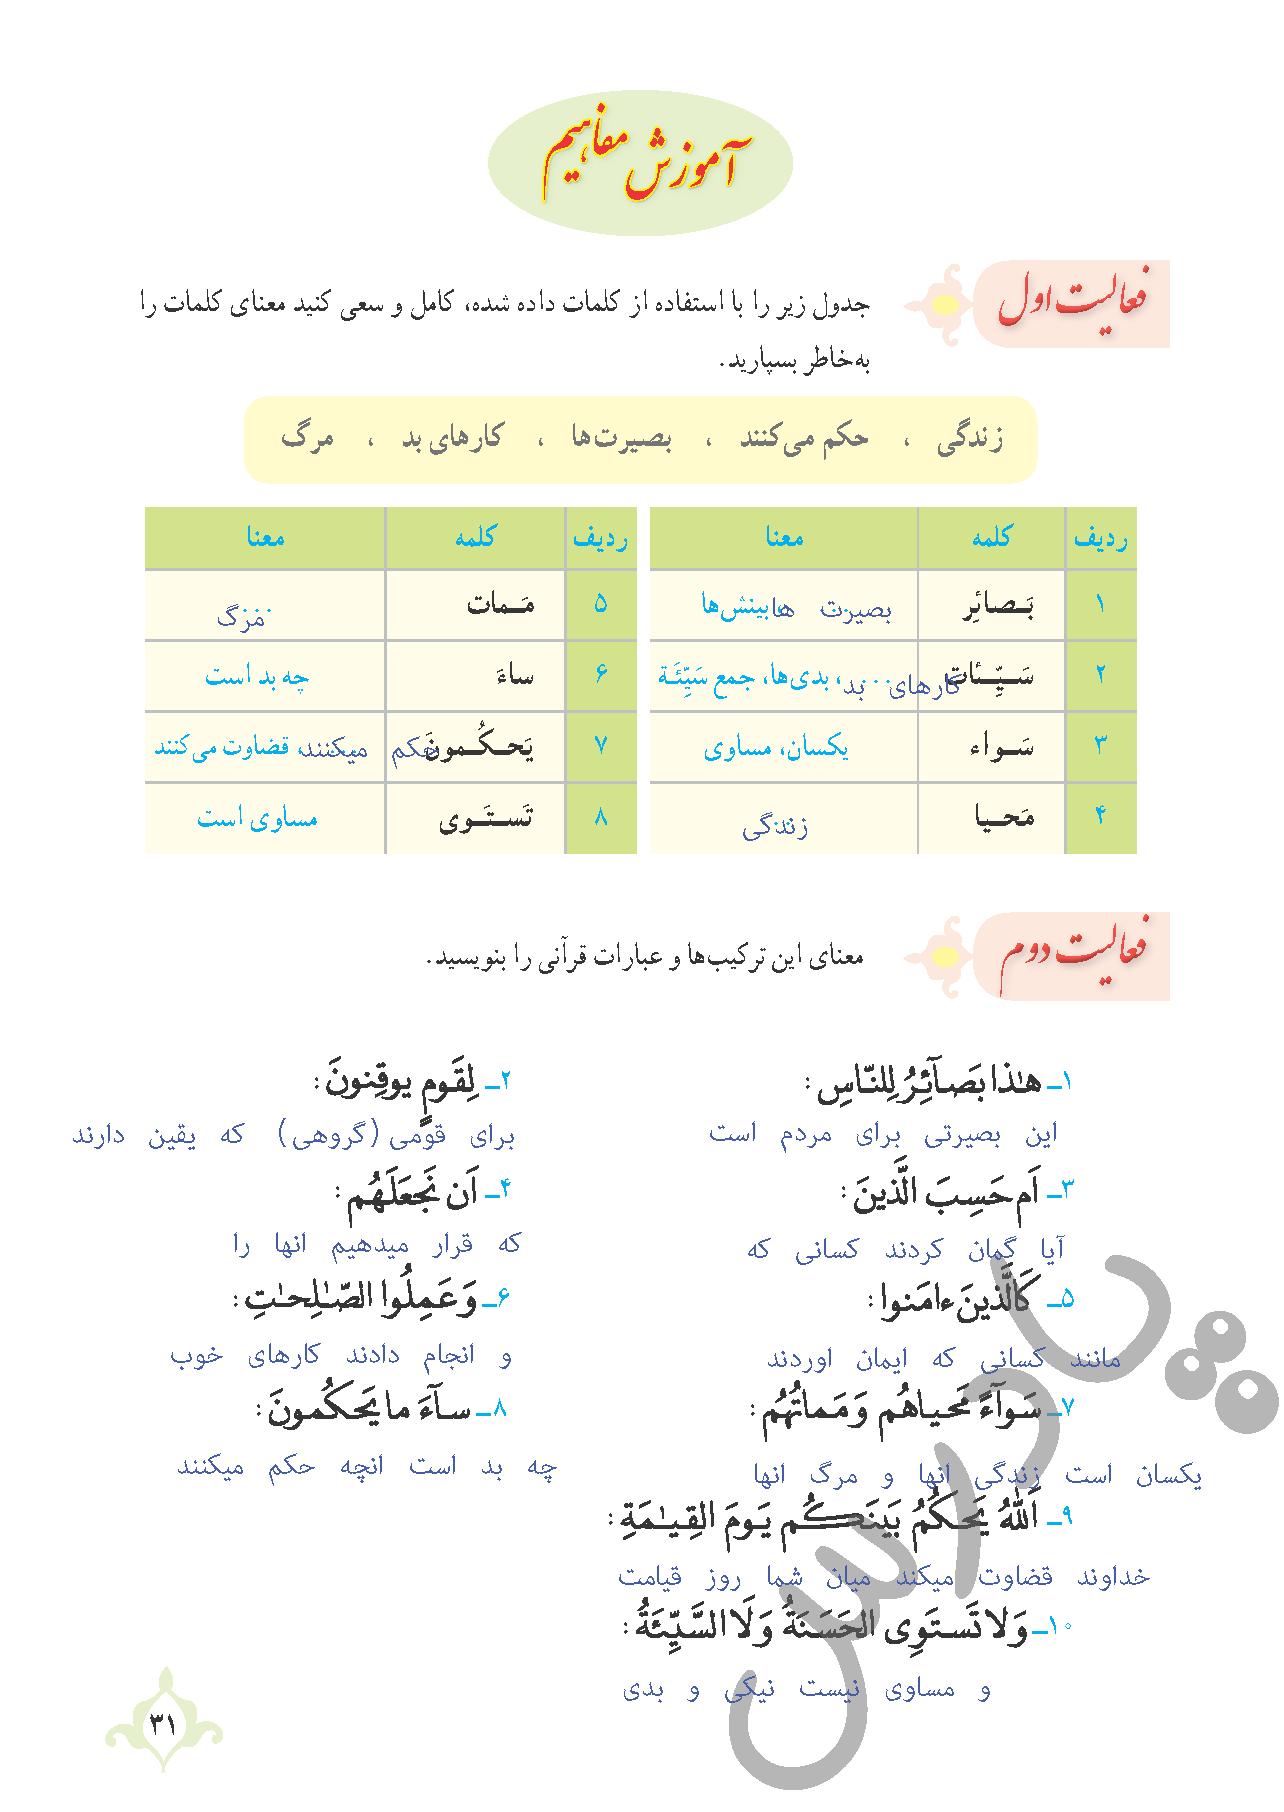 پاسخ فعالیت درس 2 قرآن نهم - بخش دوم